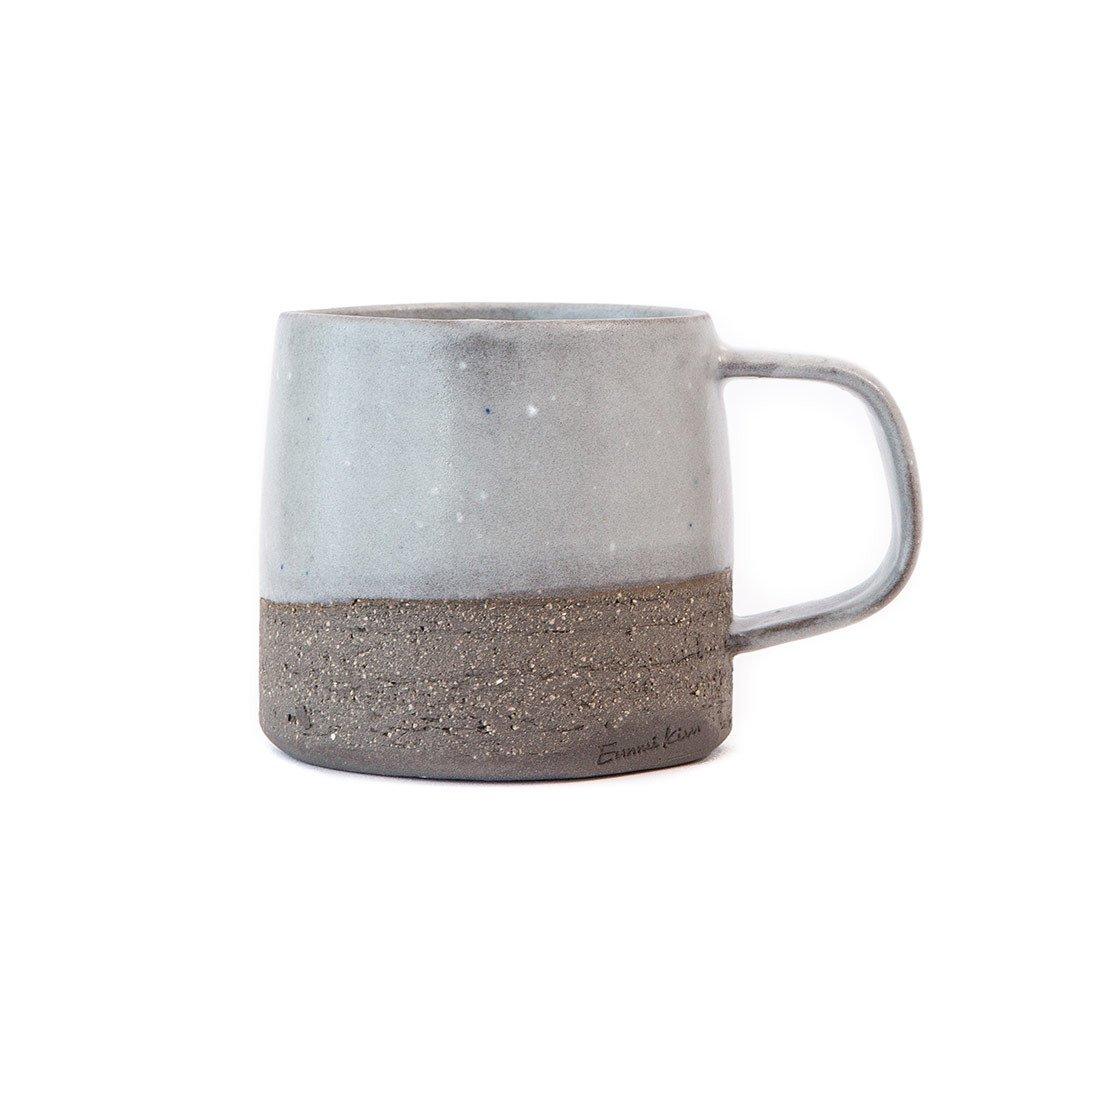 Hand Thrown Ceramic Mug £29